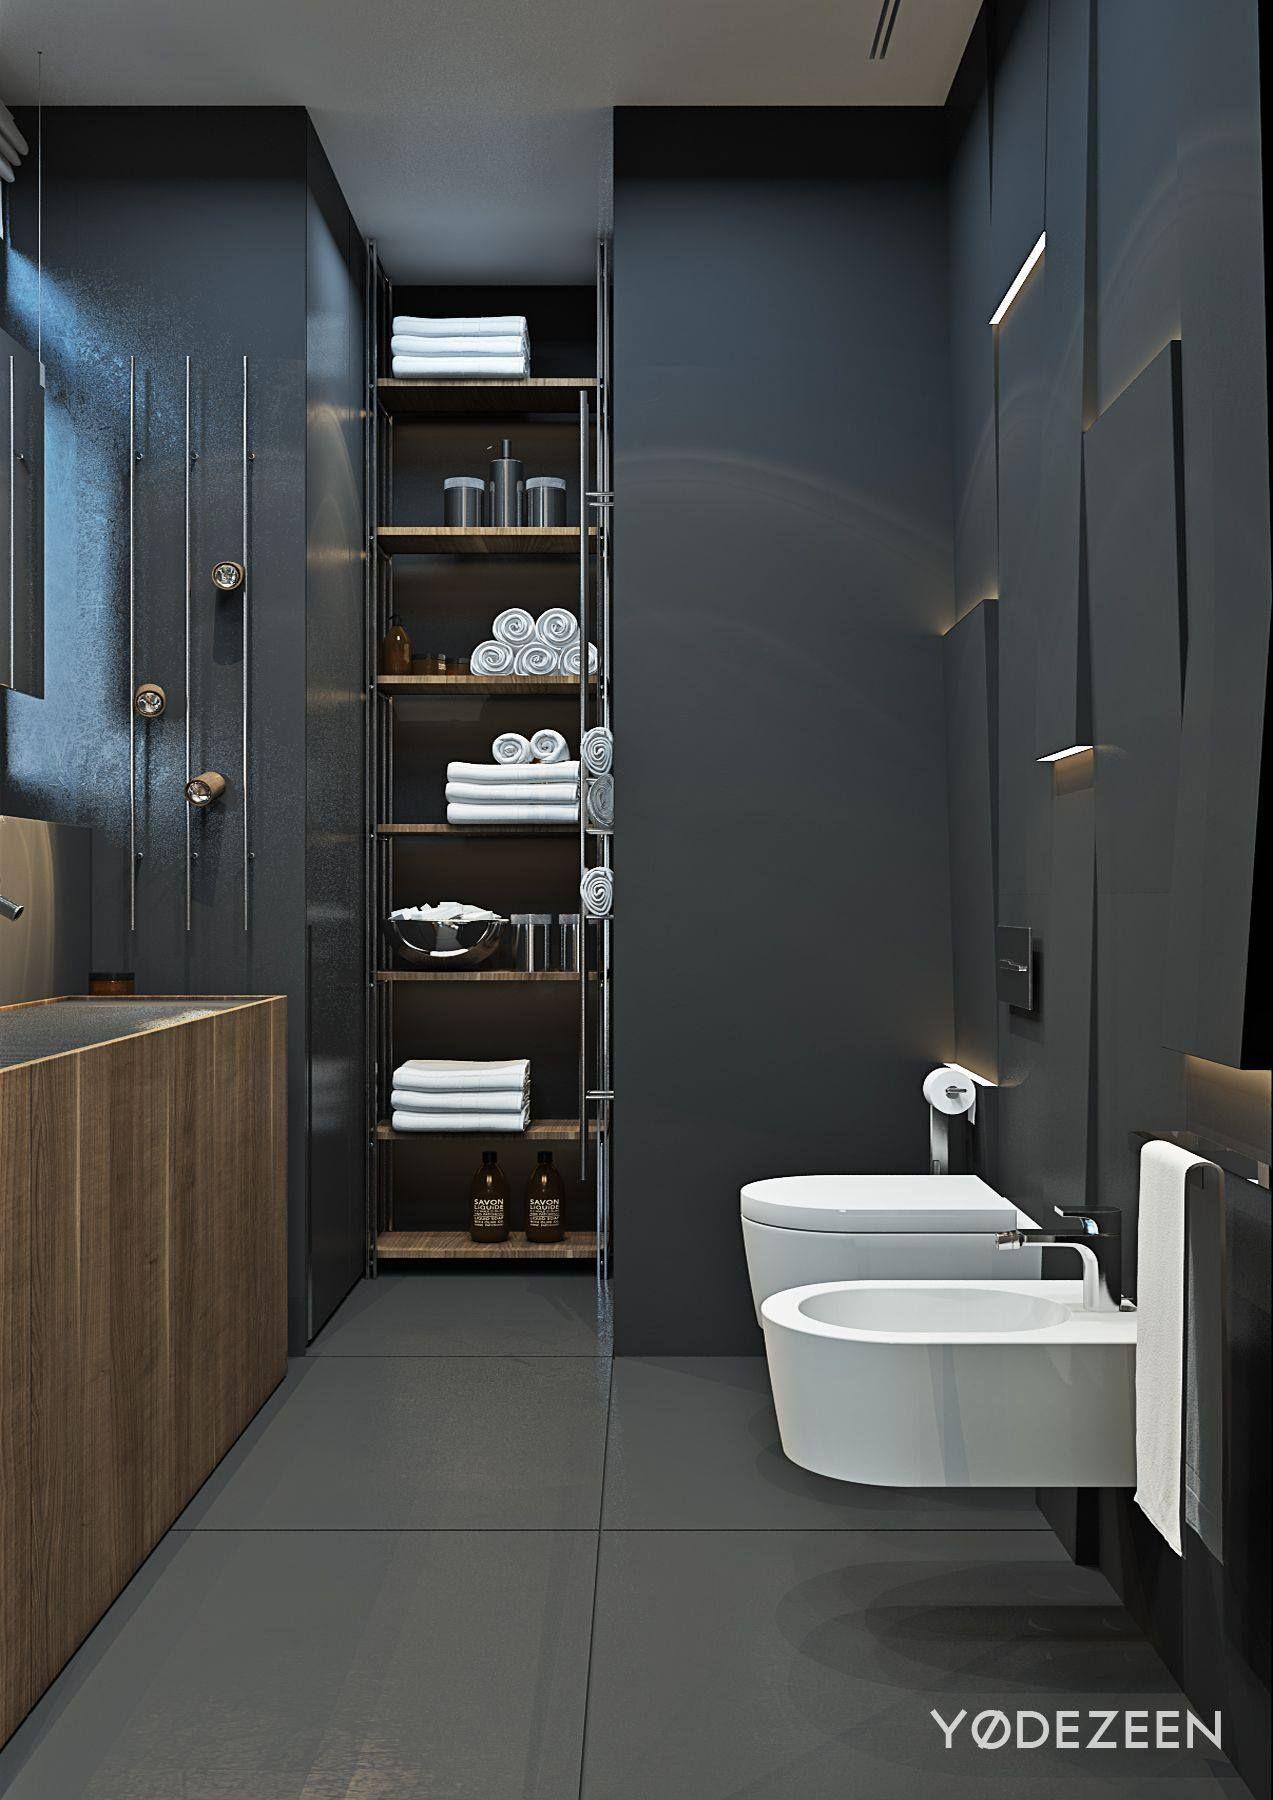 2 waschbecken badezimmer eitelkeiten pin von sascha u leia grund auf bath  pinterest